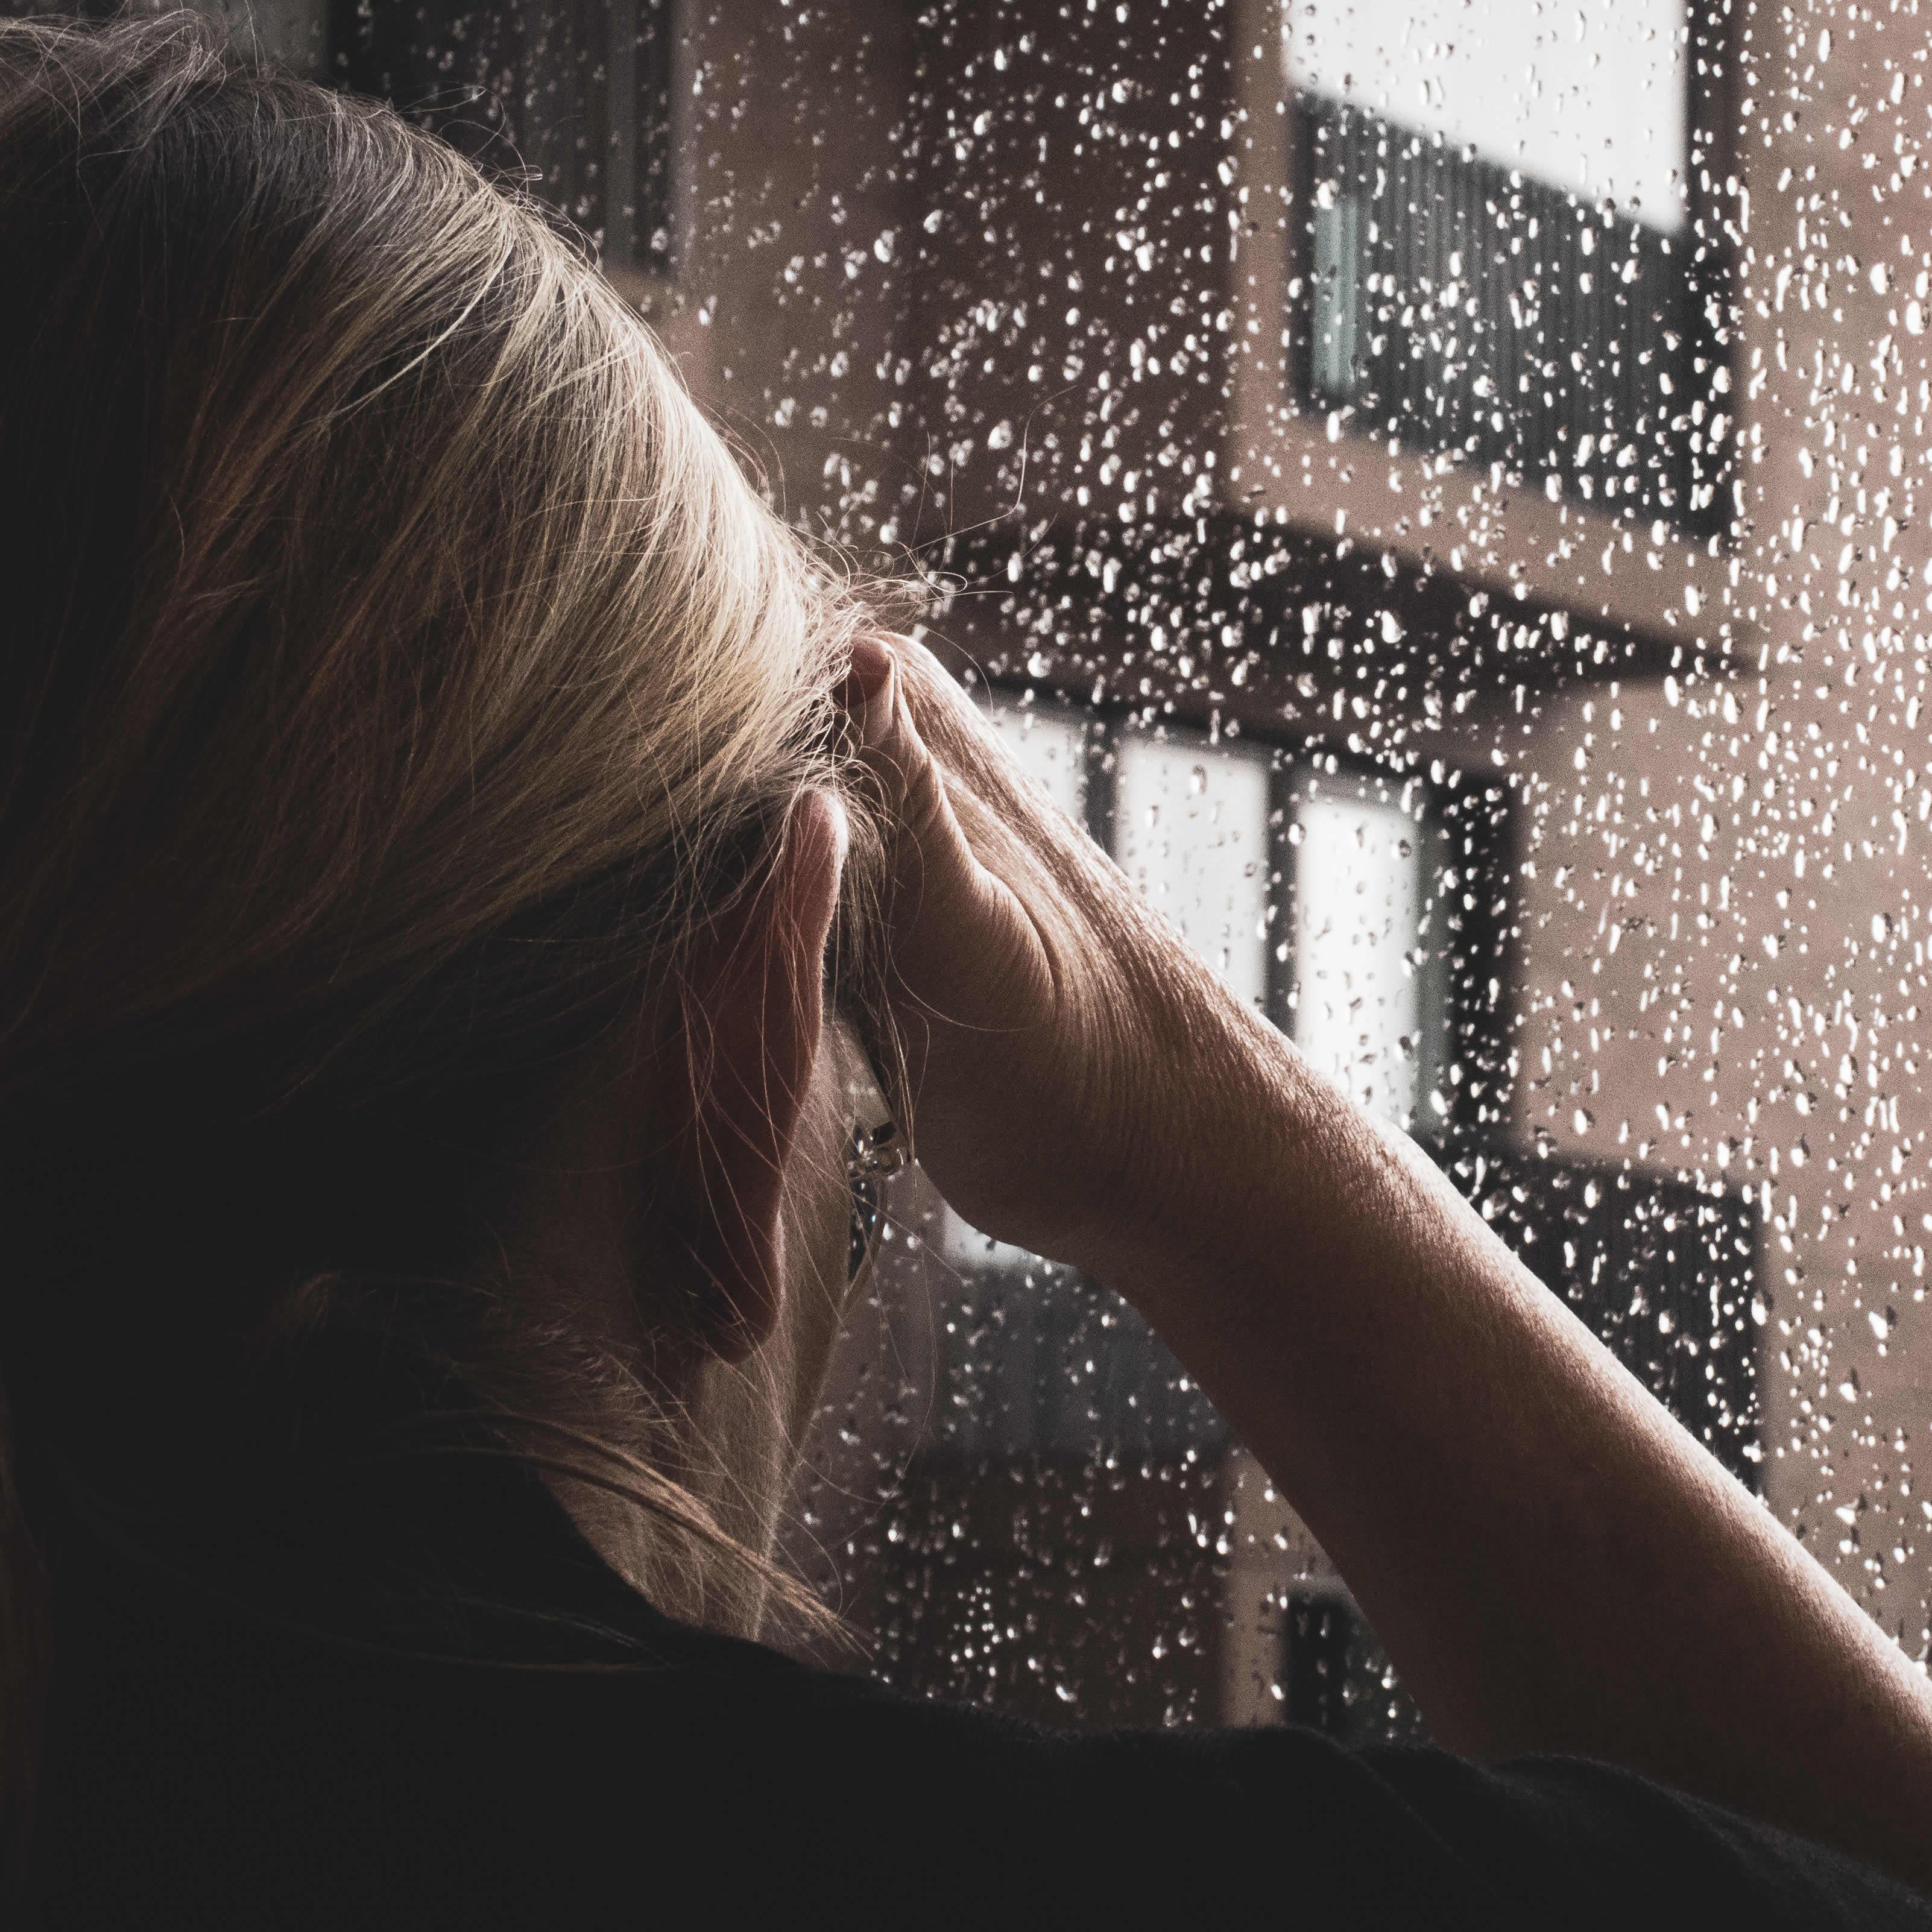 Nainen katselee sateisesta ikkunasta ulos.